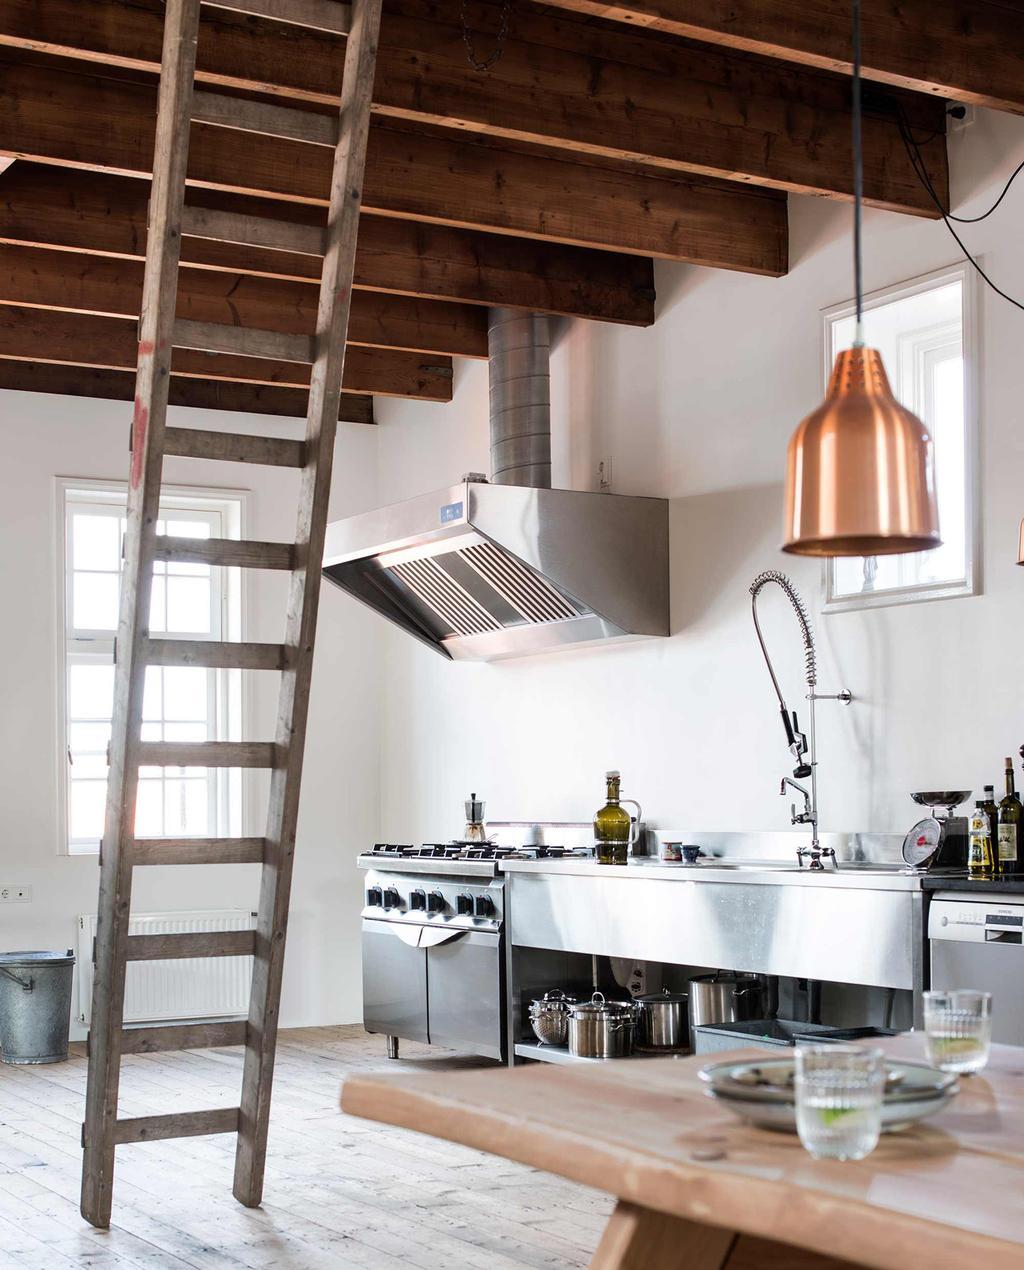 boerenkeuken met metalen apparatuur, veel hout en een ladder